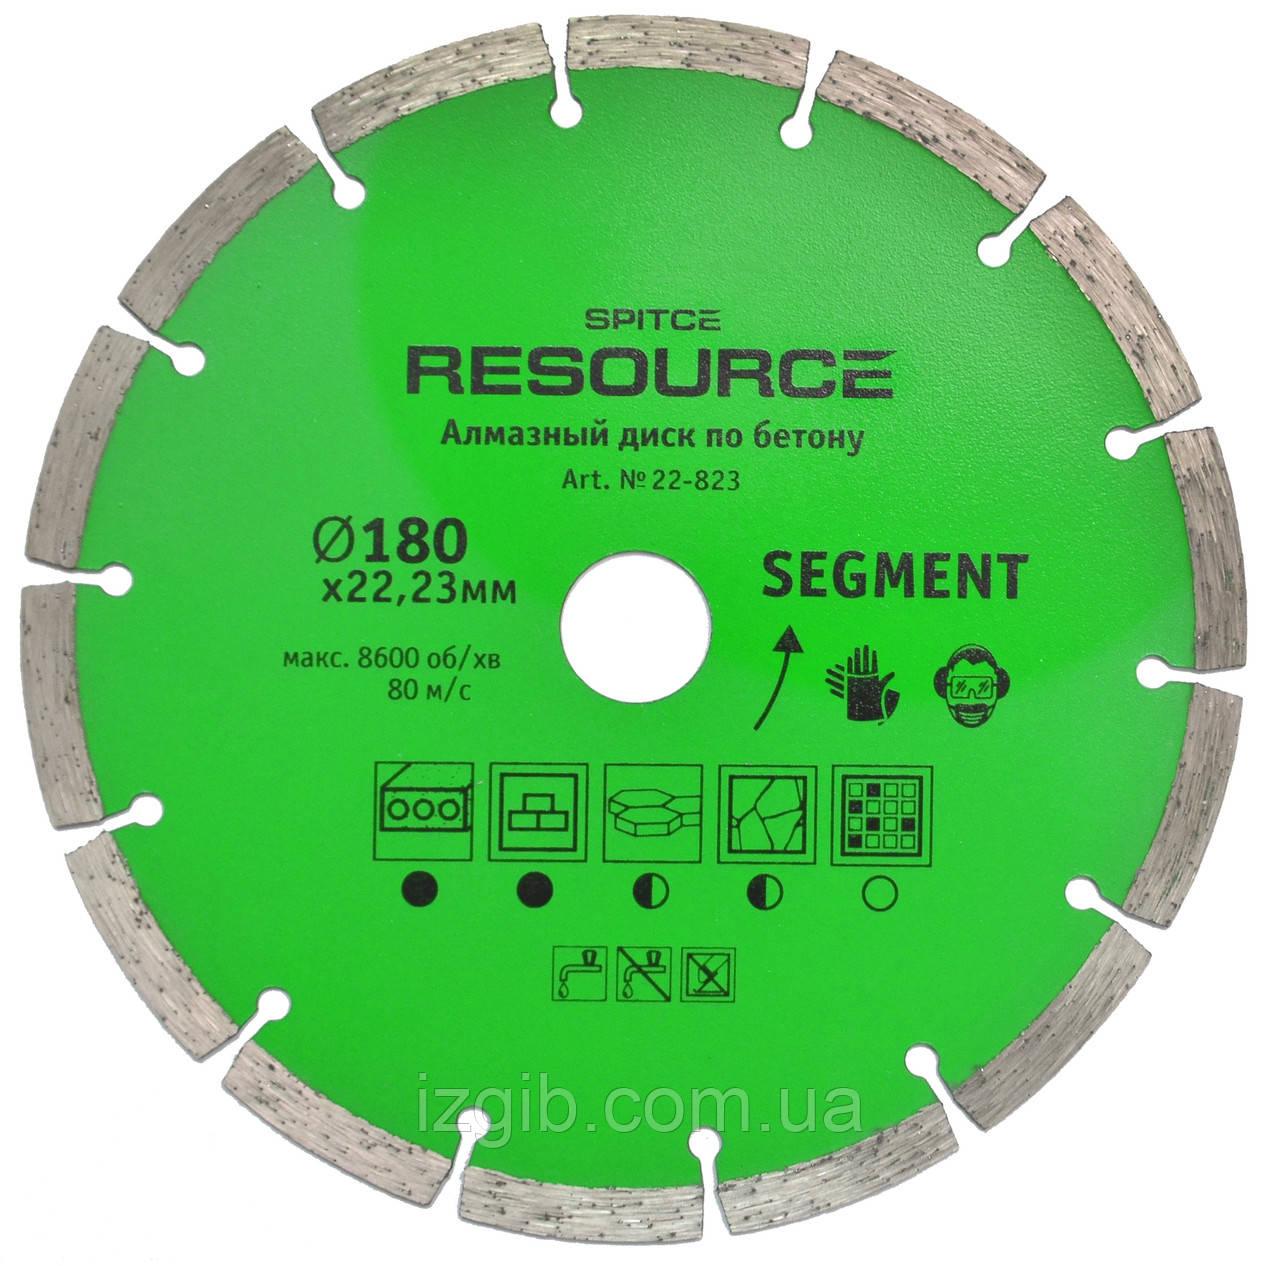 Алмазный диск SEGMENT, Resource 125 мм